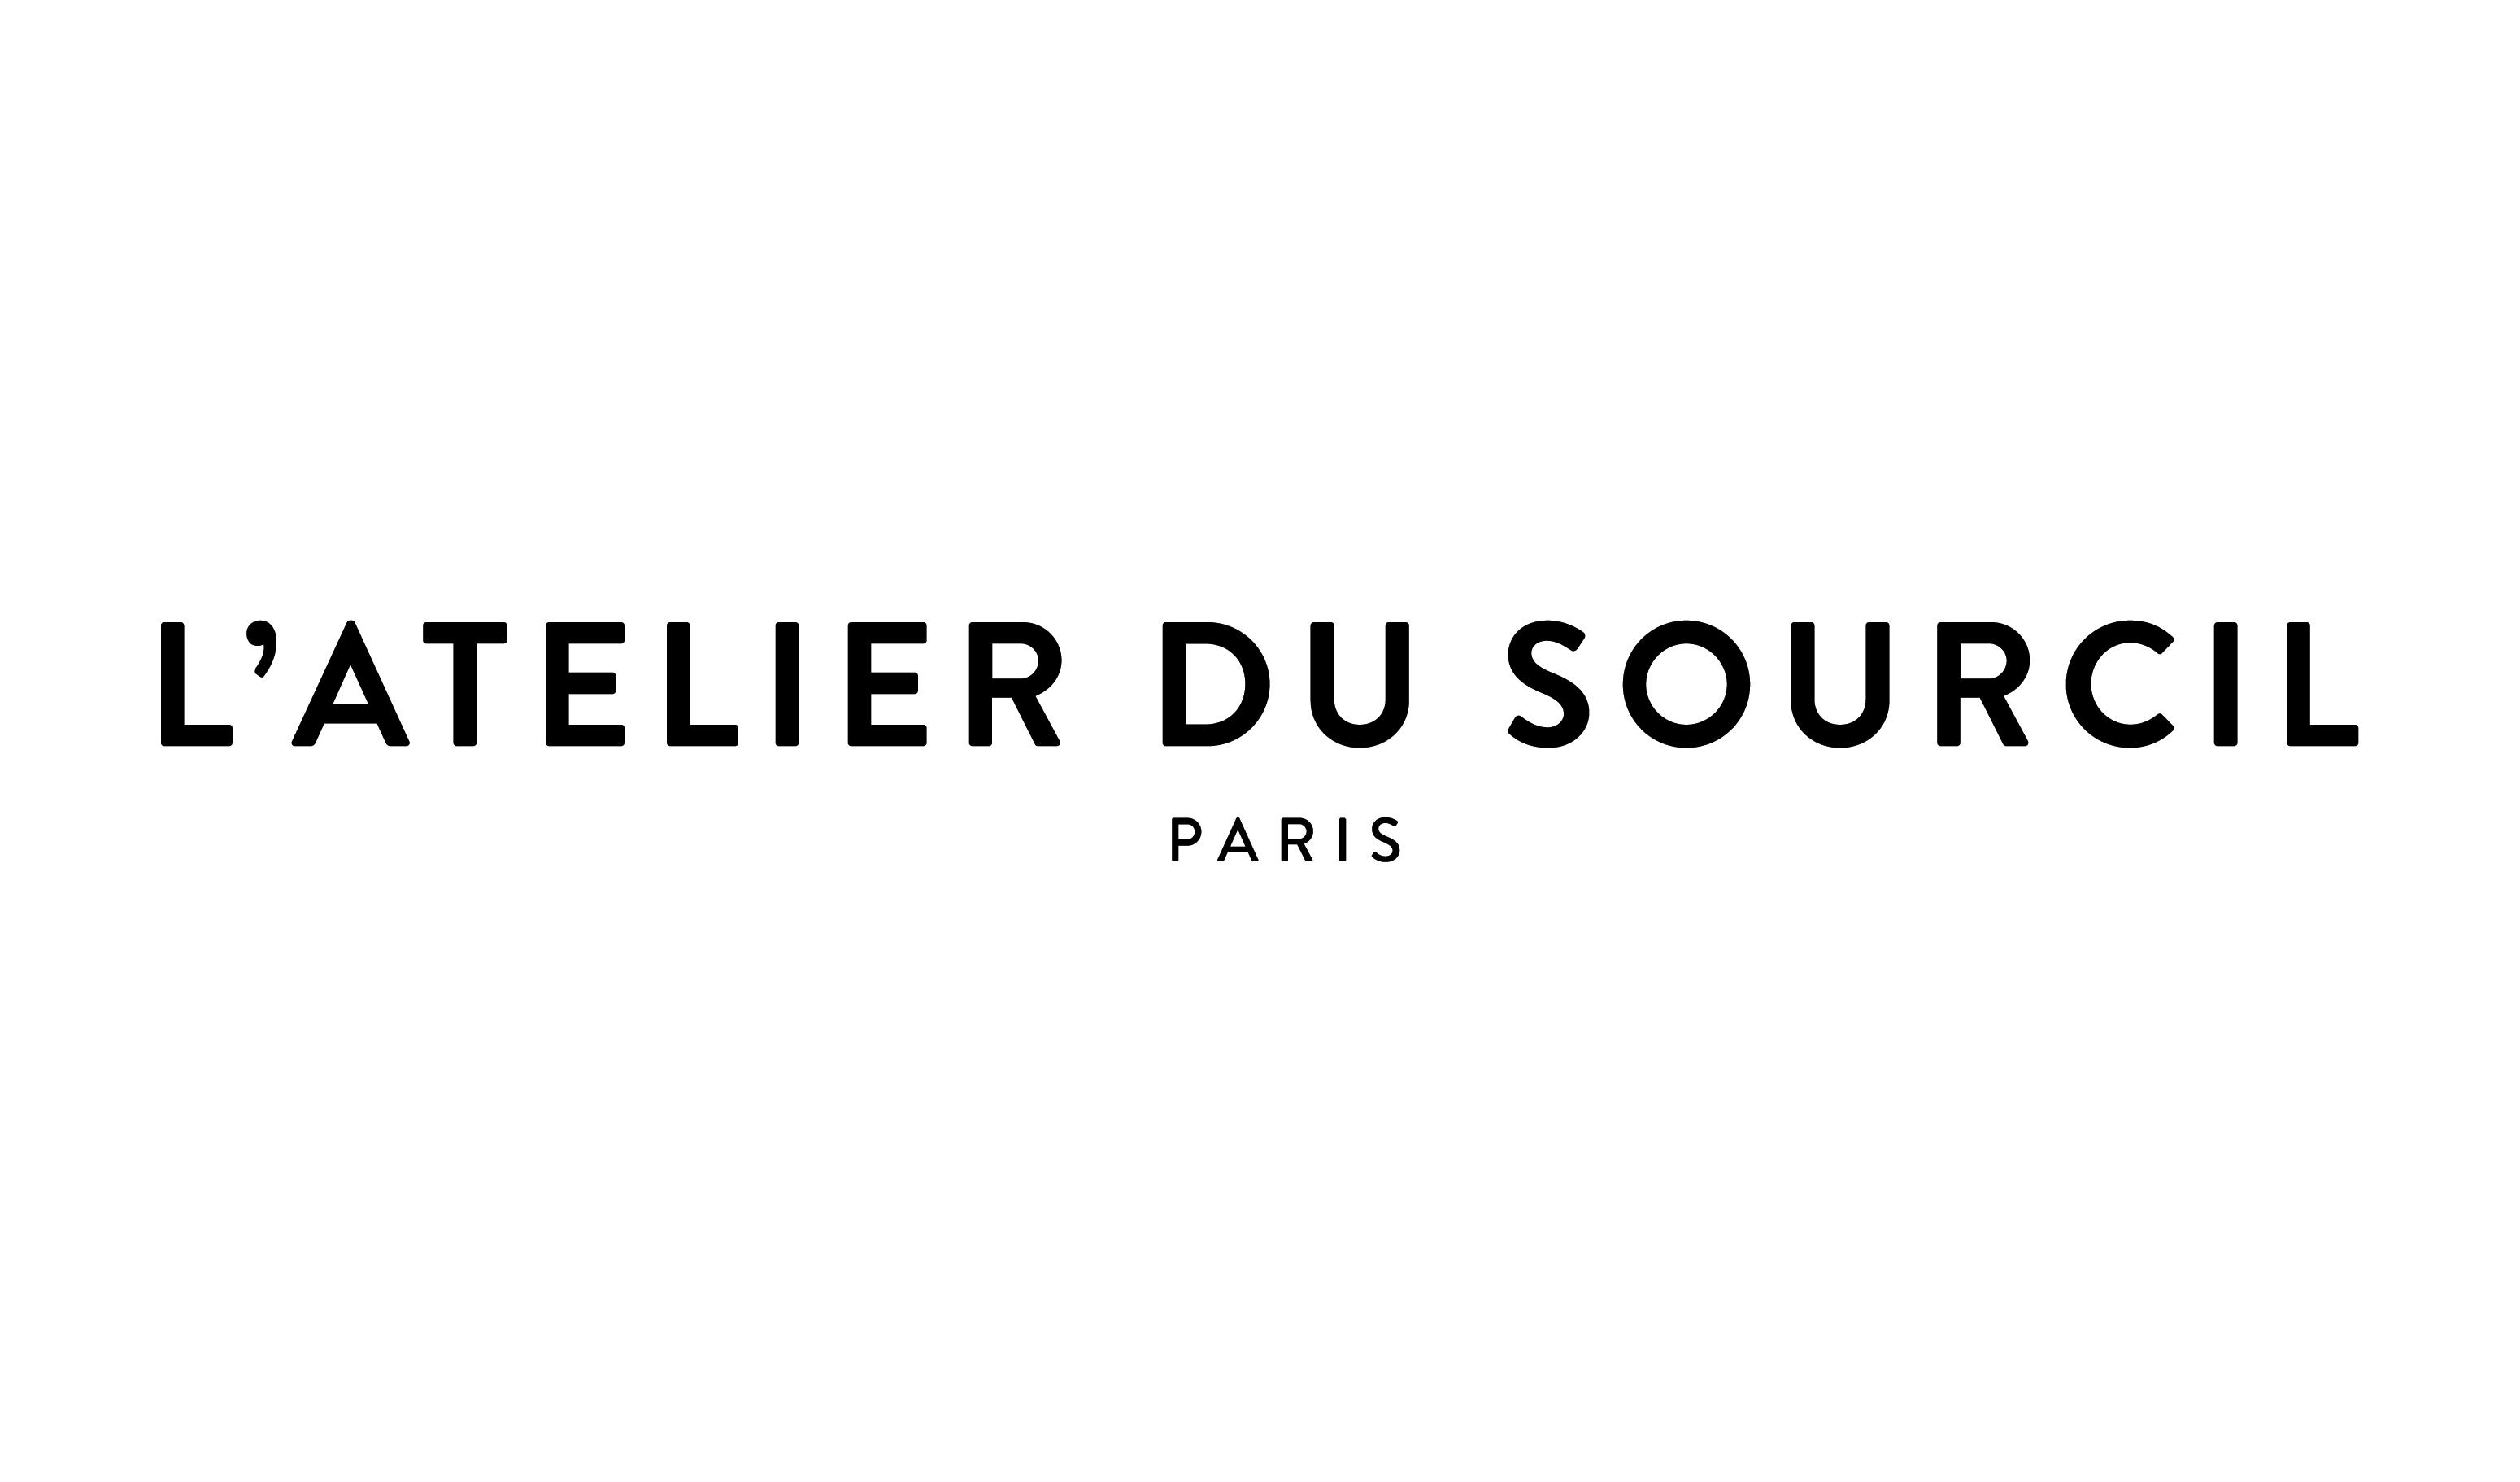 L'Atelier du Sourcil - Grenoble